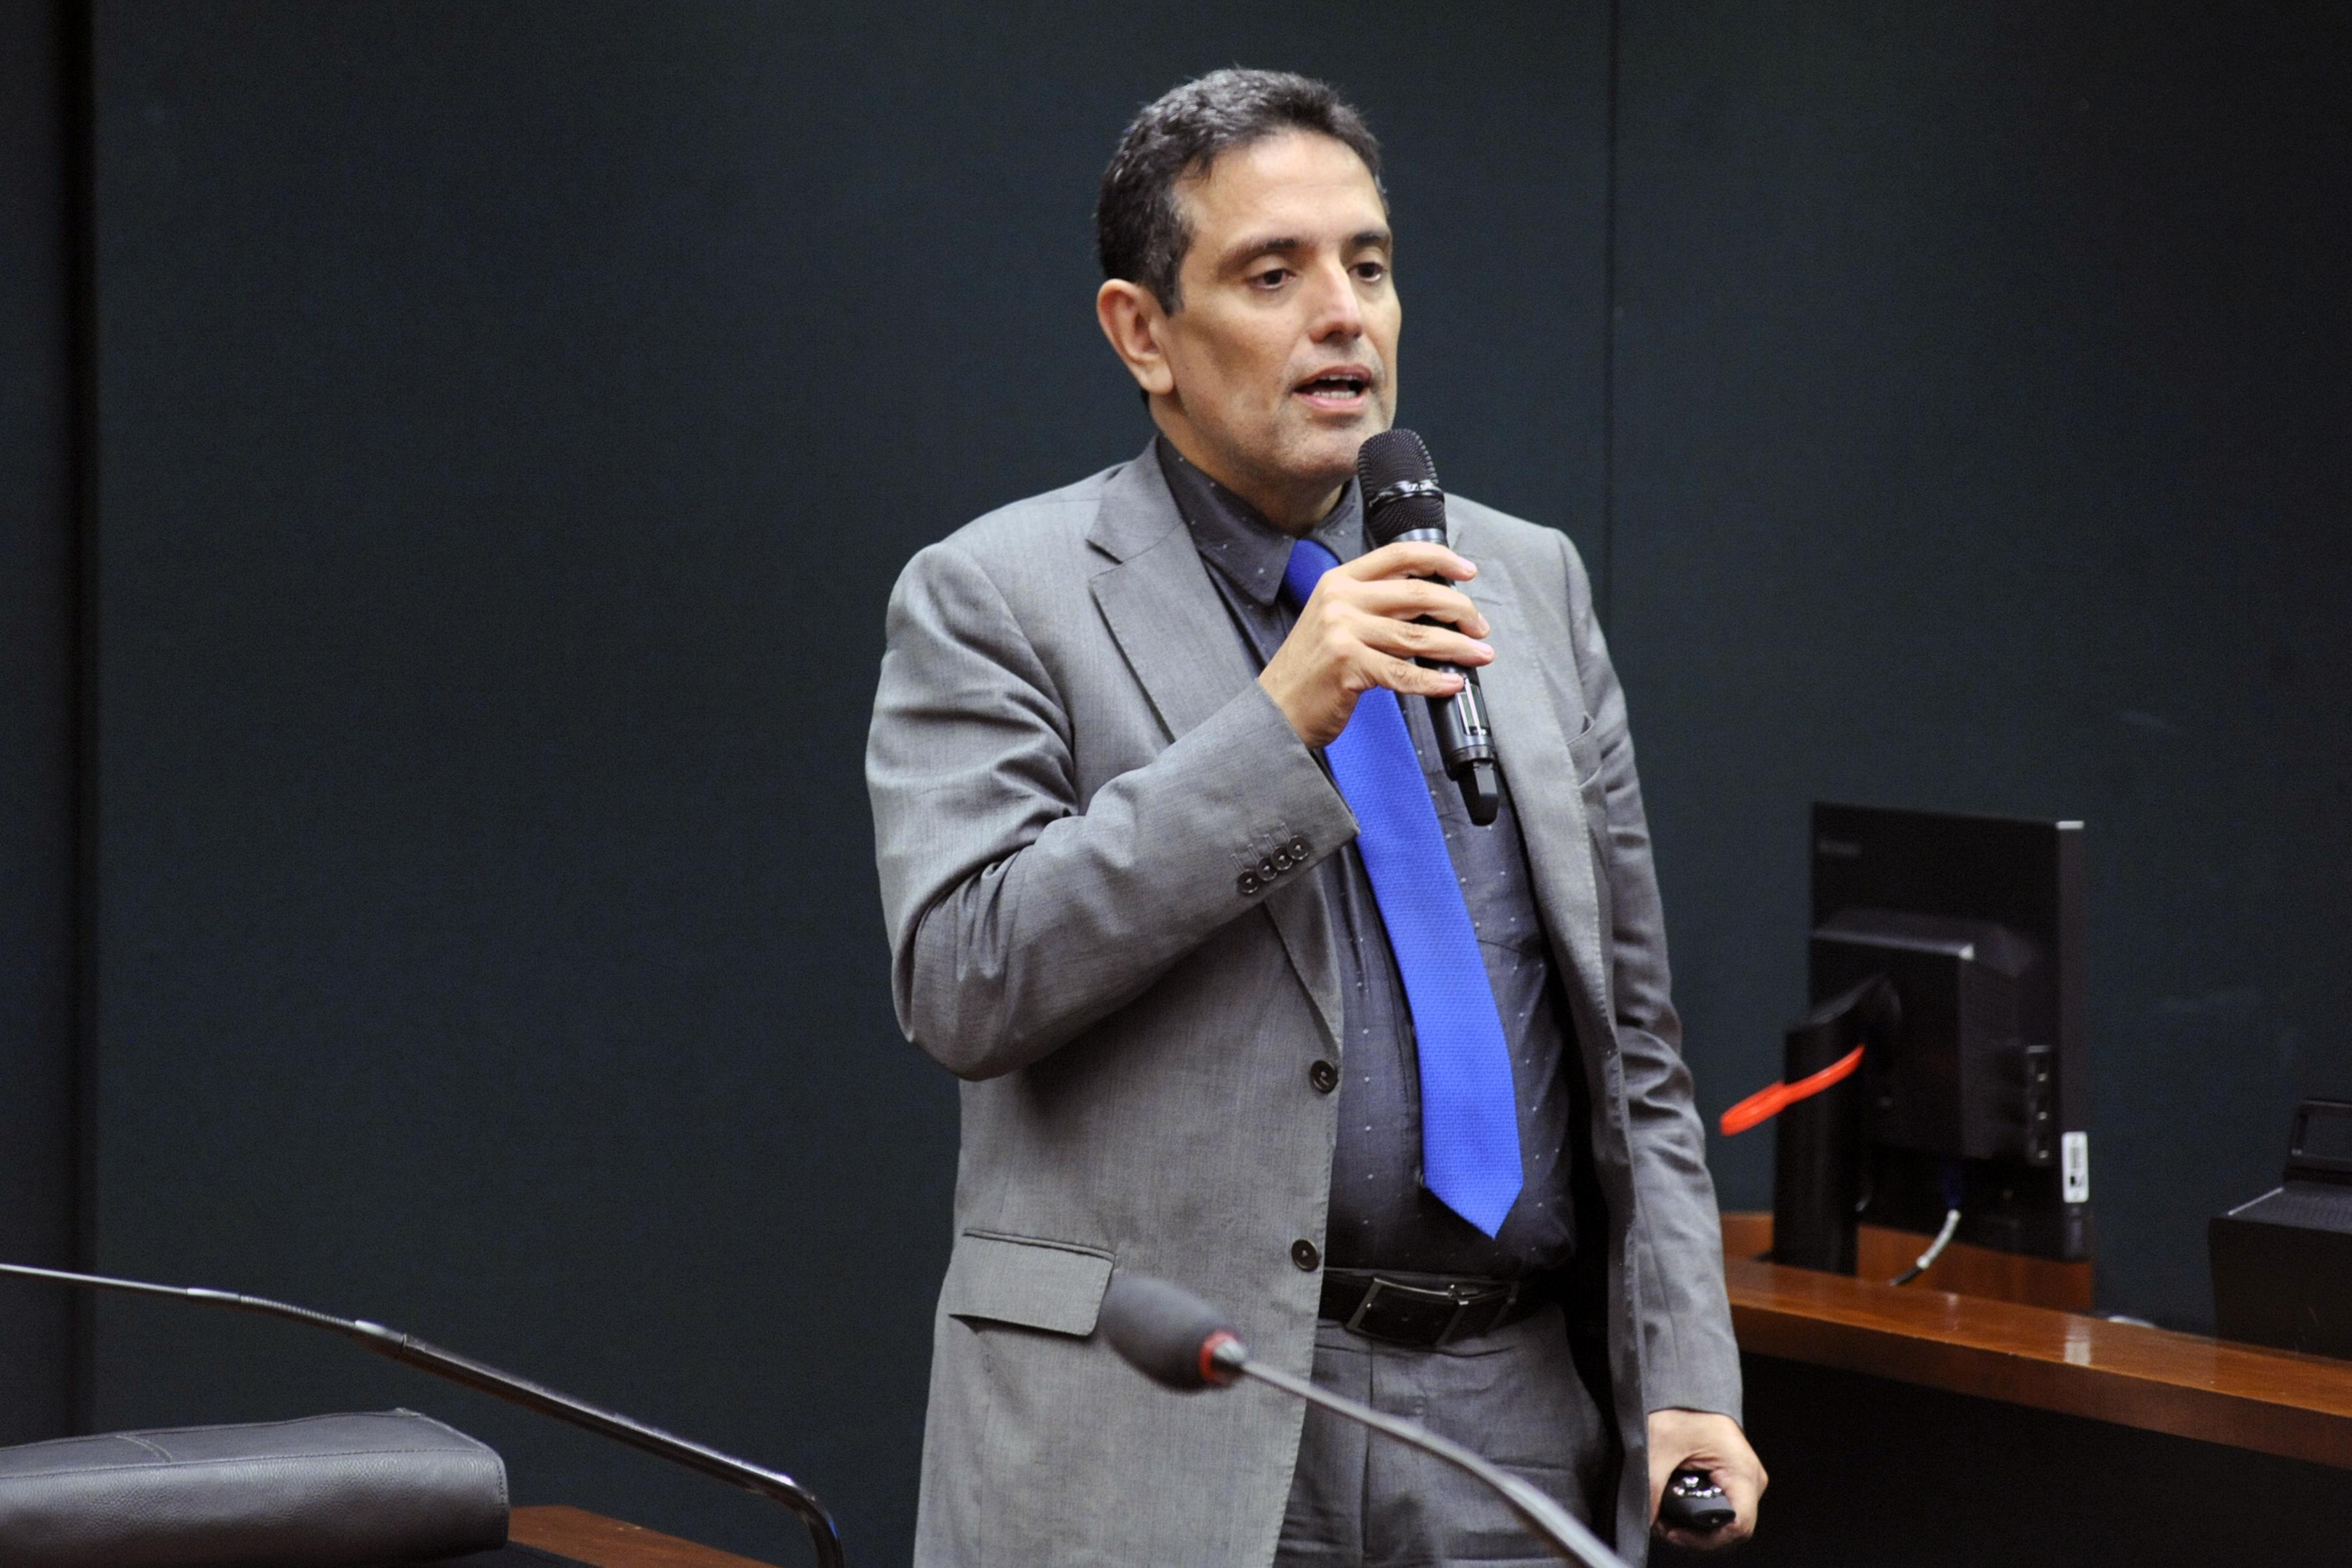 Audiência pública para debater a Reforma da Previdência - PEC 006/2019. Ministério da Economia, Leonardo Rolim